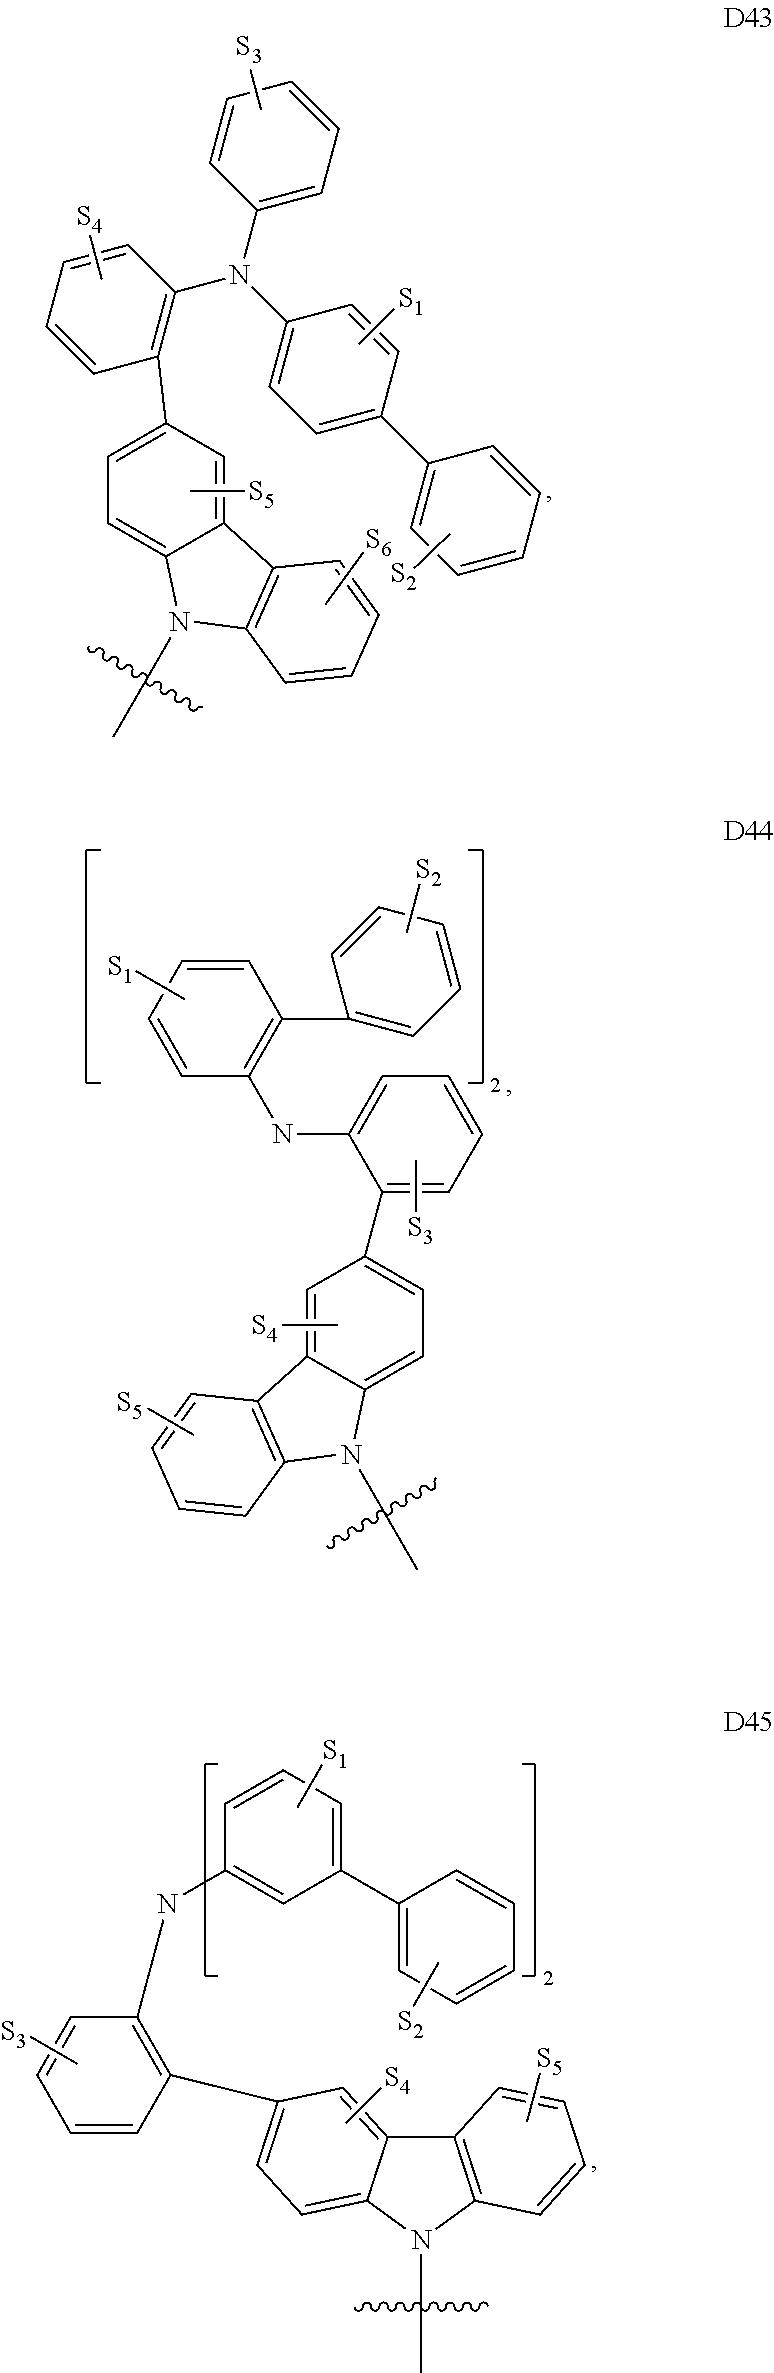 Figure US09324949-20160426-C00059